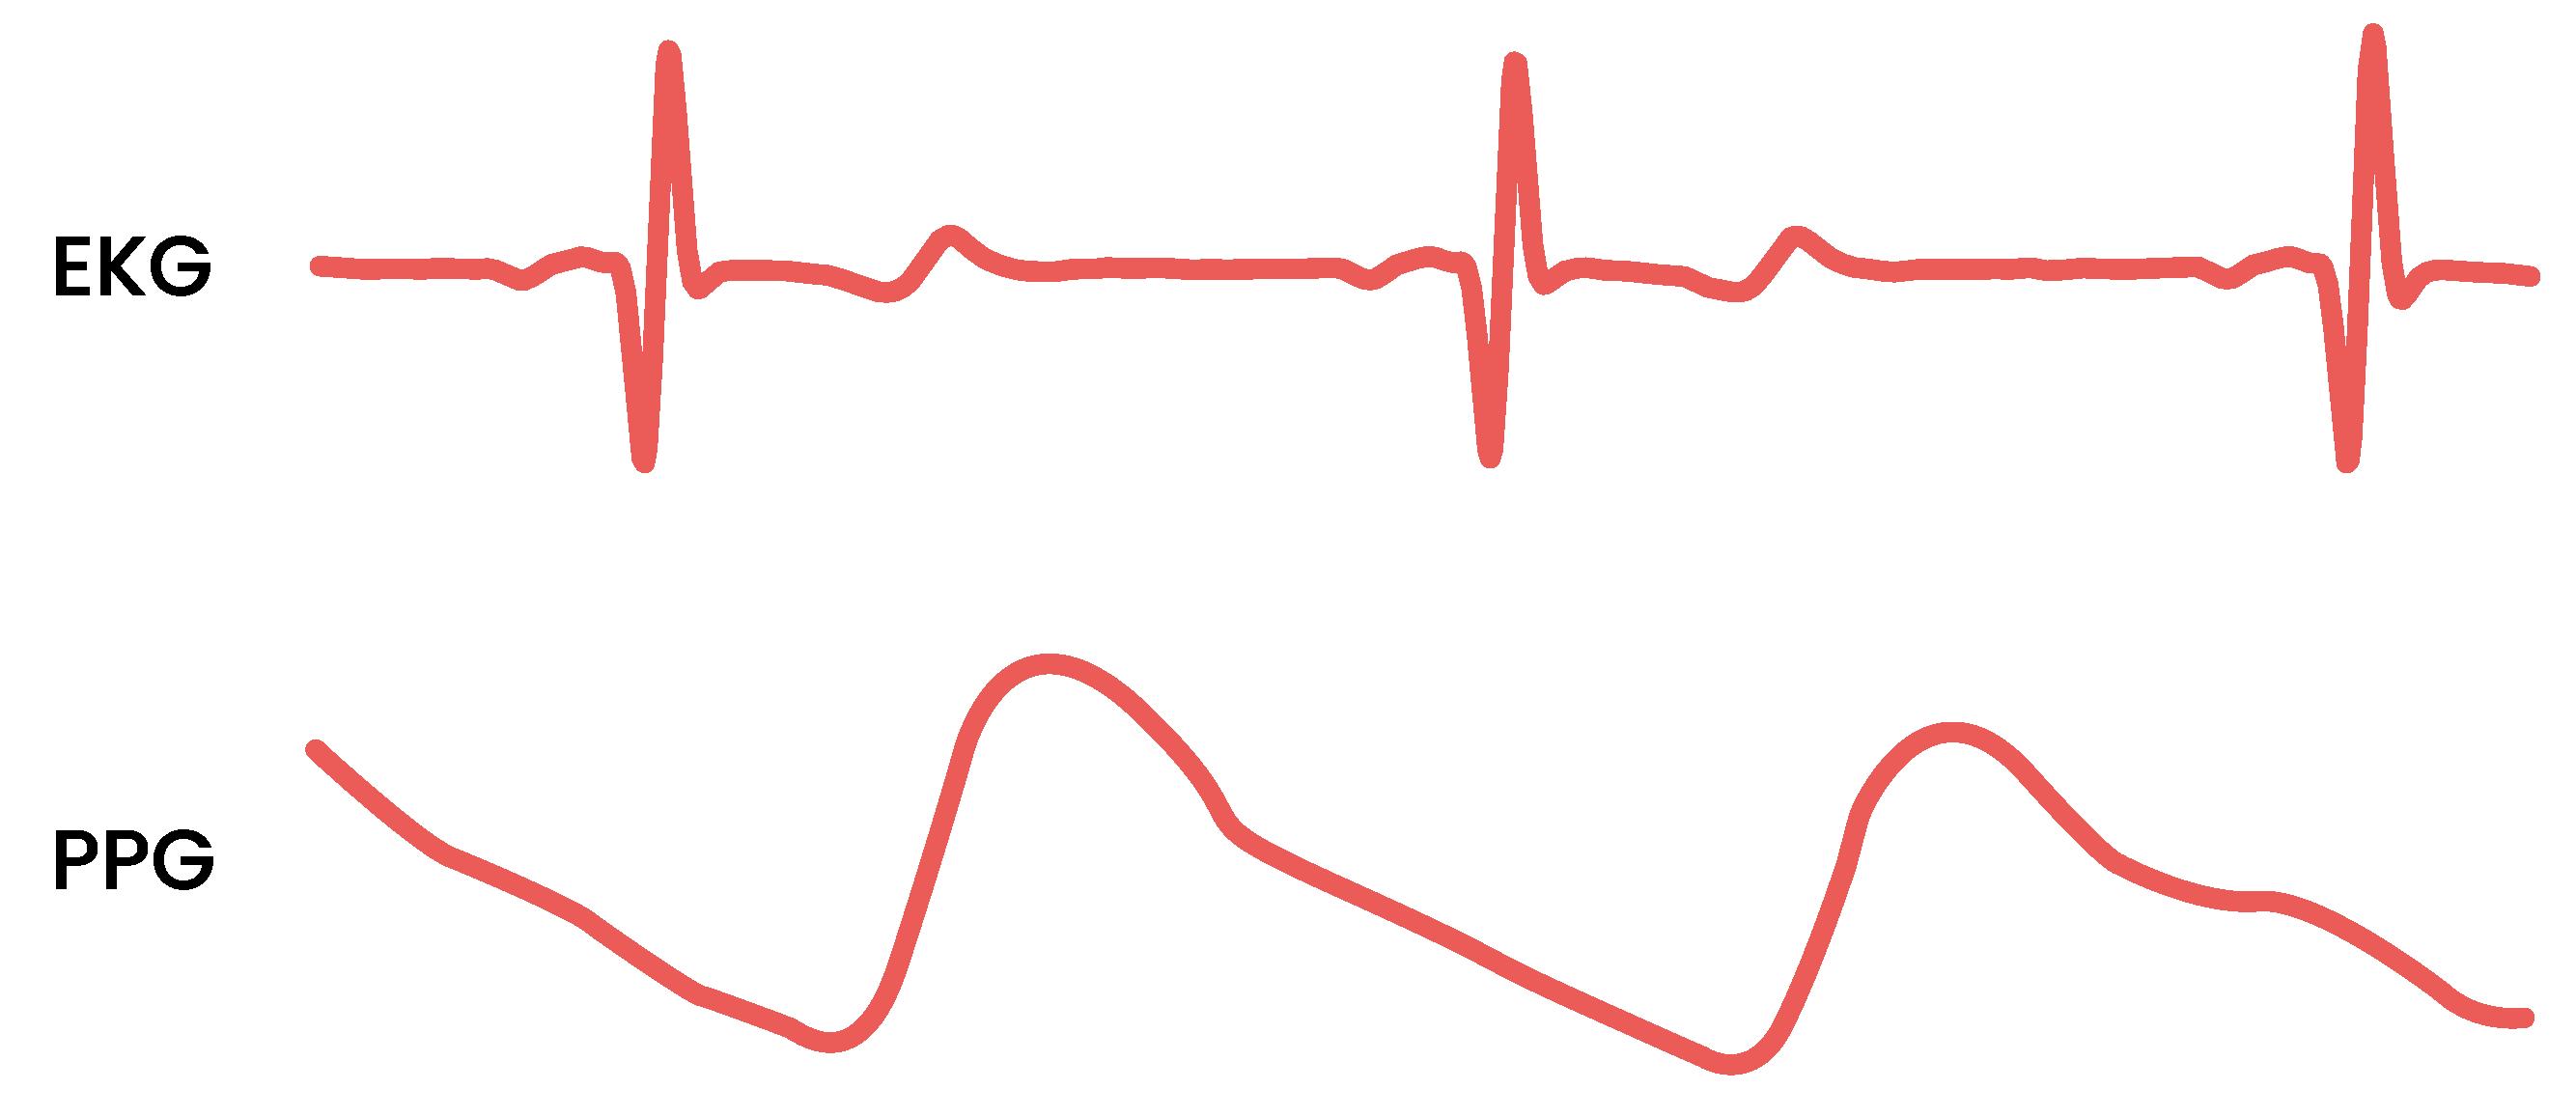 Två grafer visar skillnaden mellan en EKG-signal och en PPG-signal.